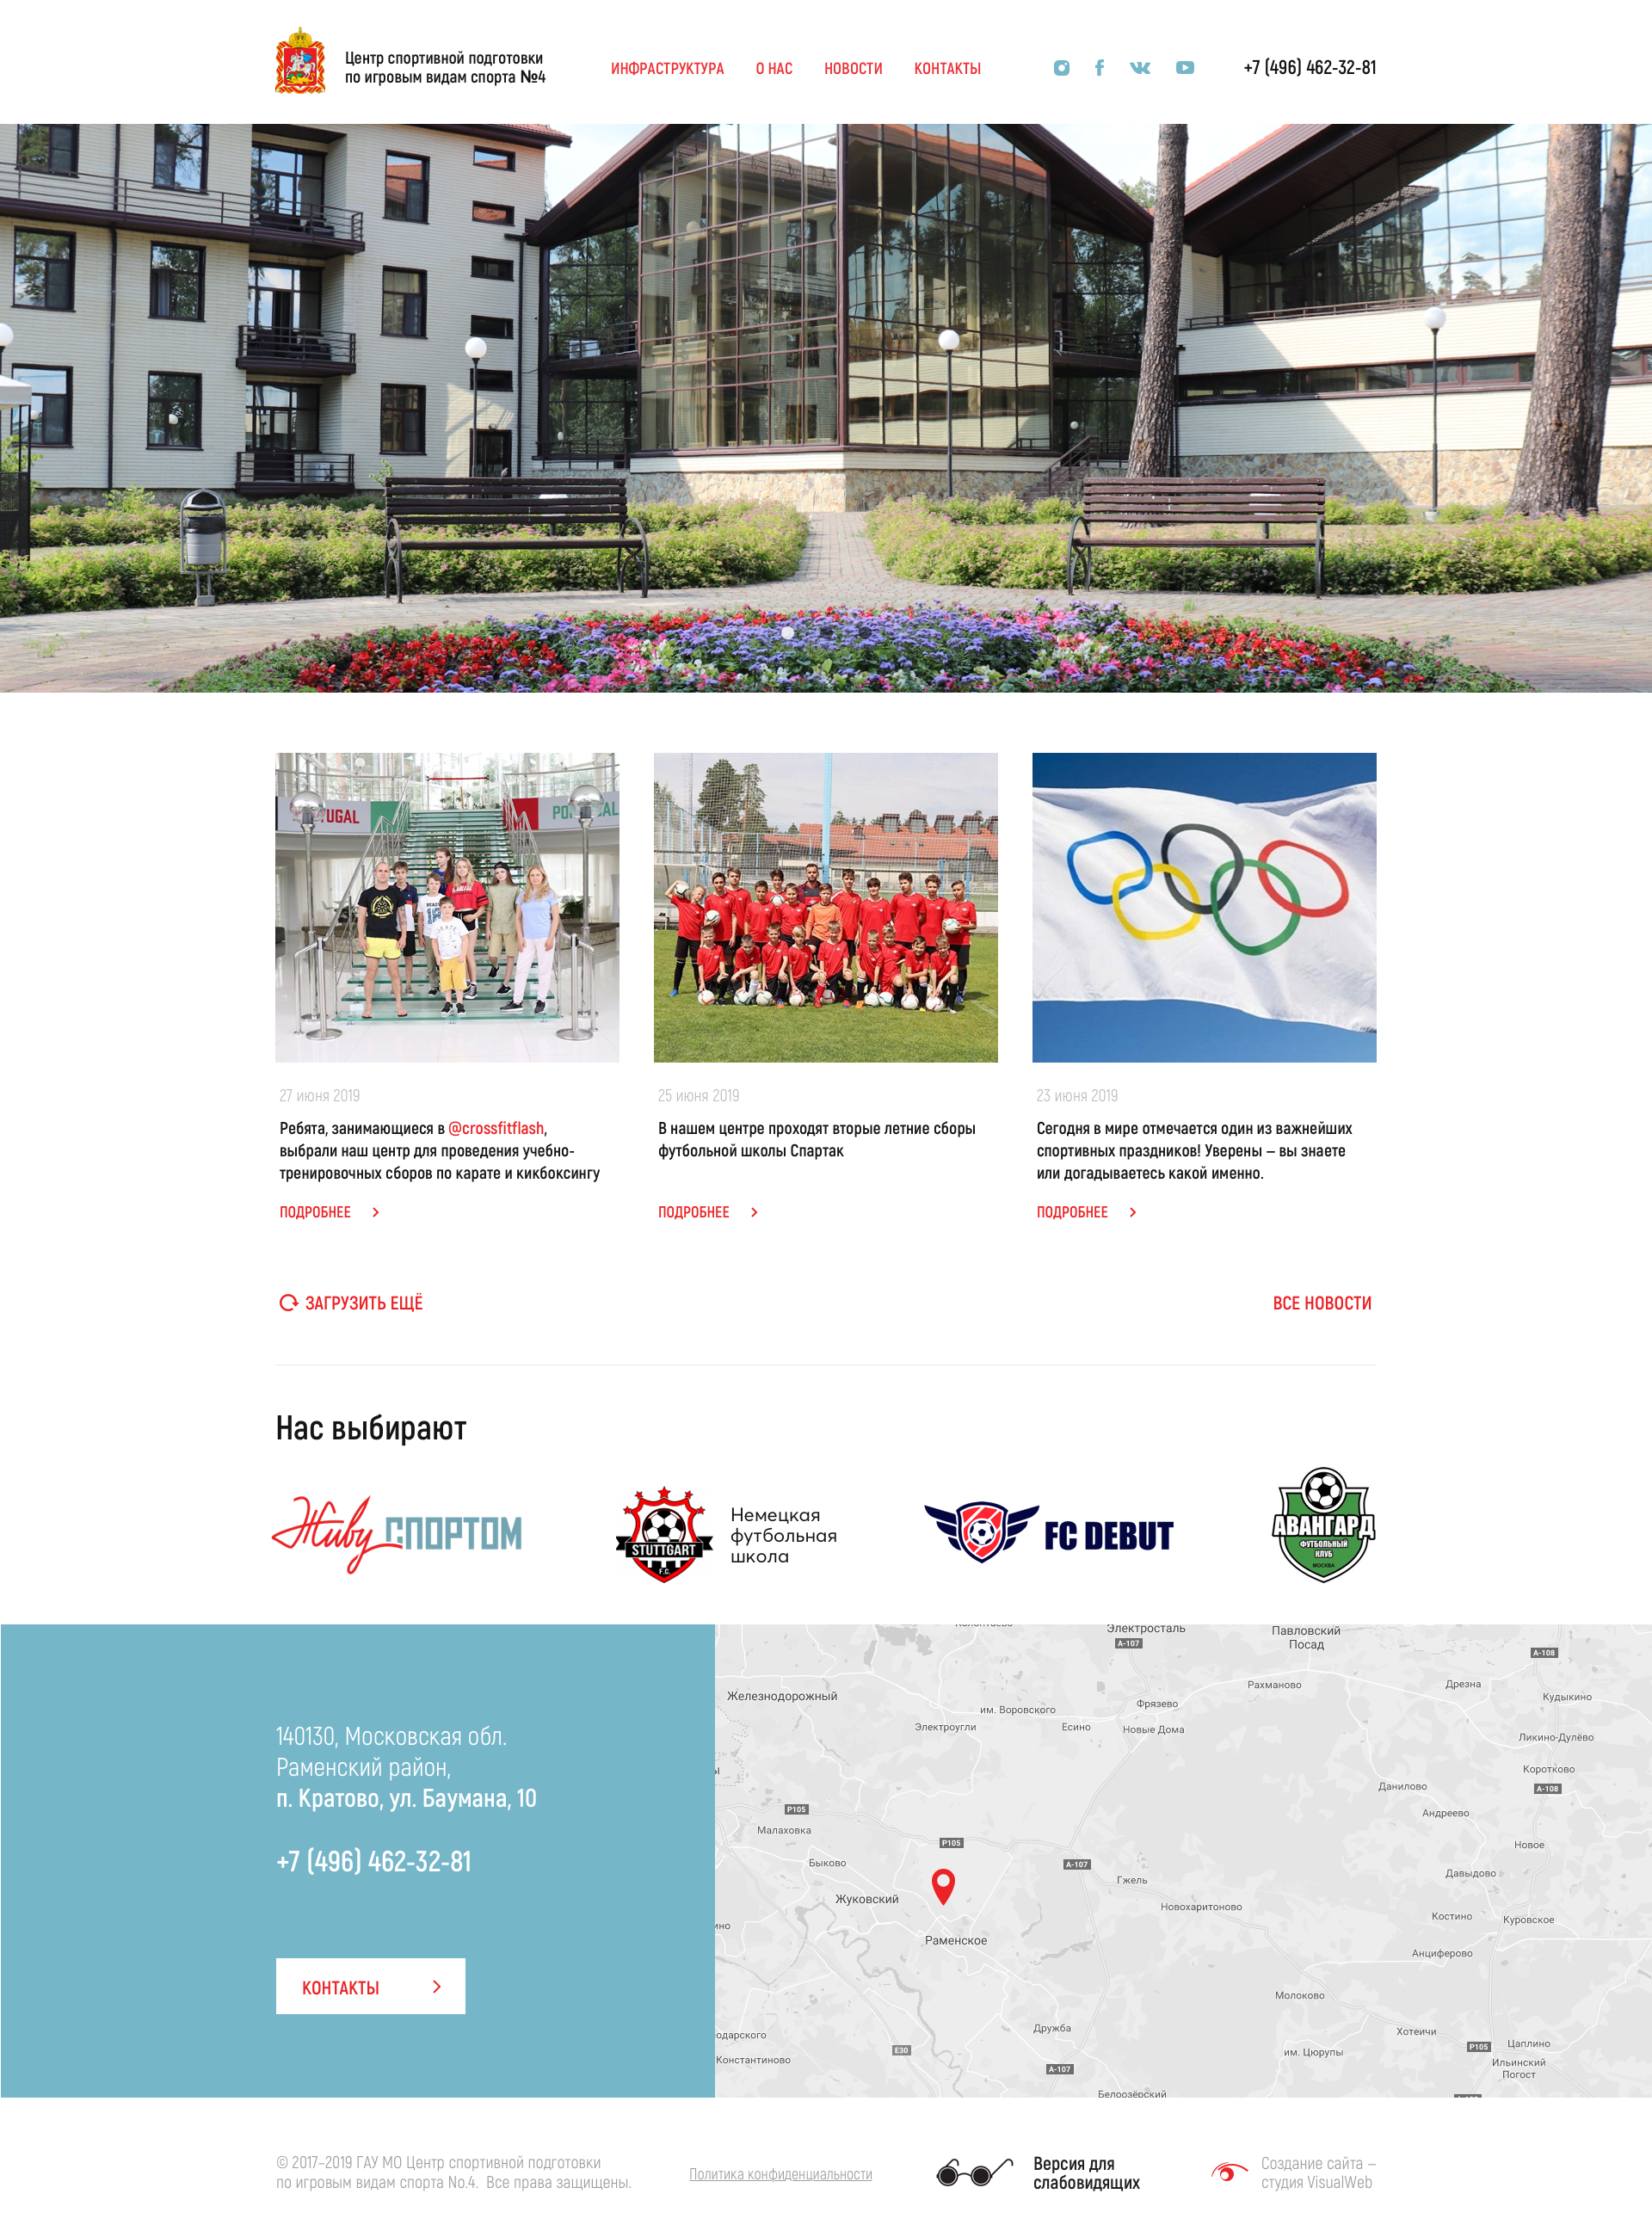 Создание сайта-визитки Центра спортивной подготовки